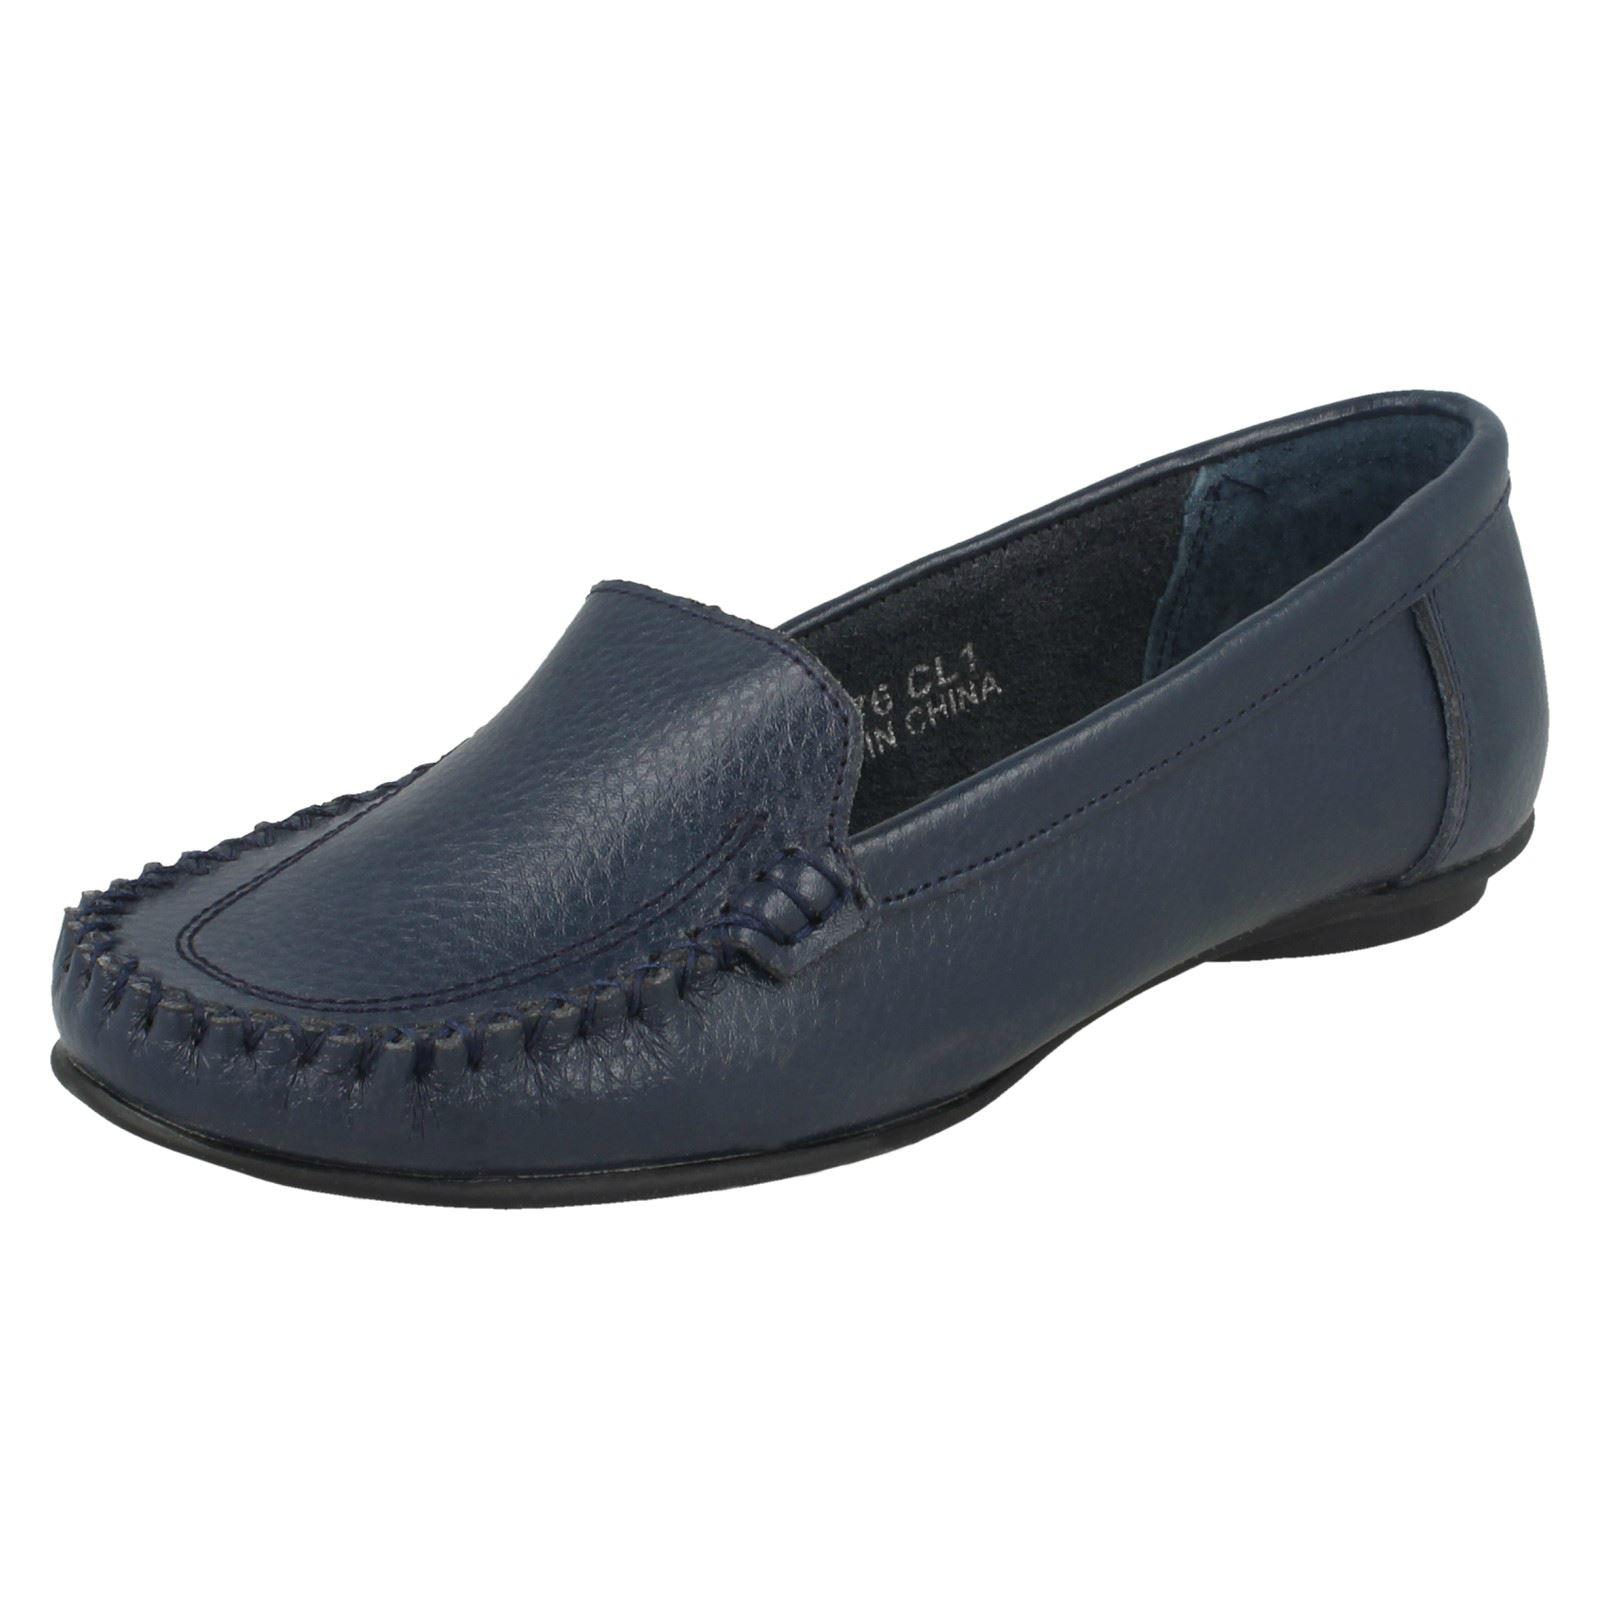 Damas Spot on Mocasín Zapatos Sin Cordones Mocasín De Cuero